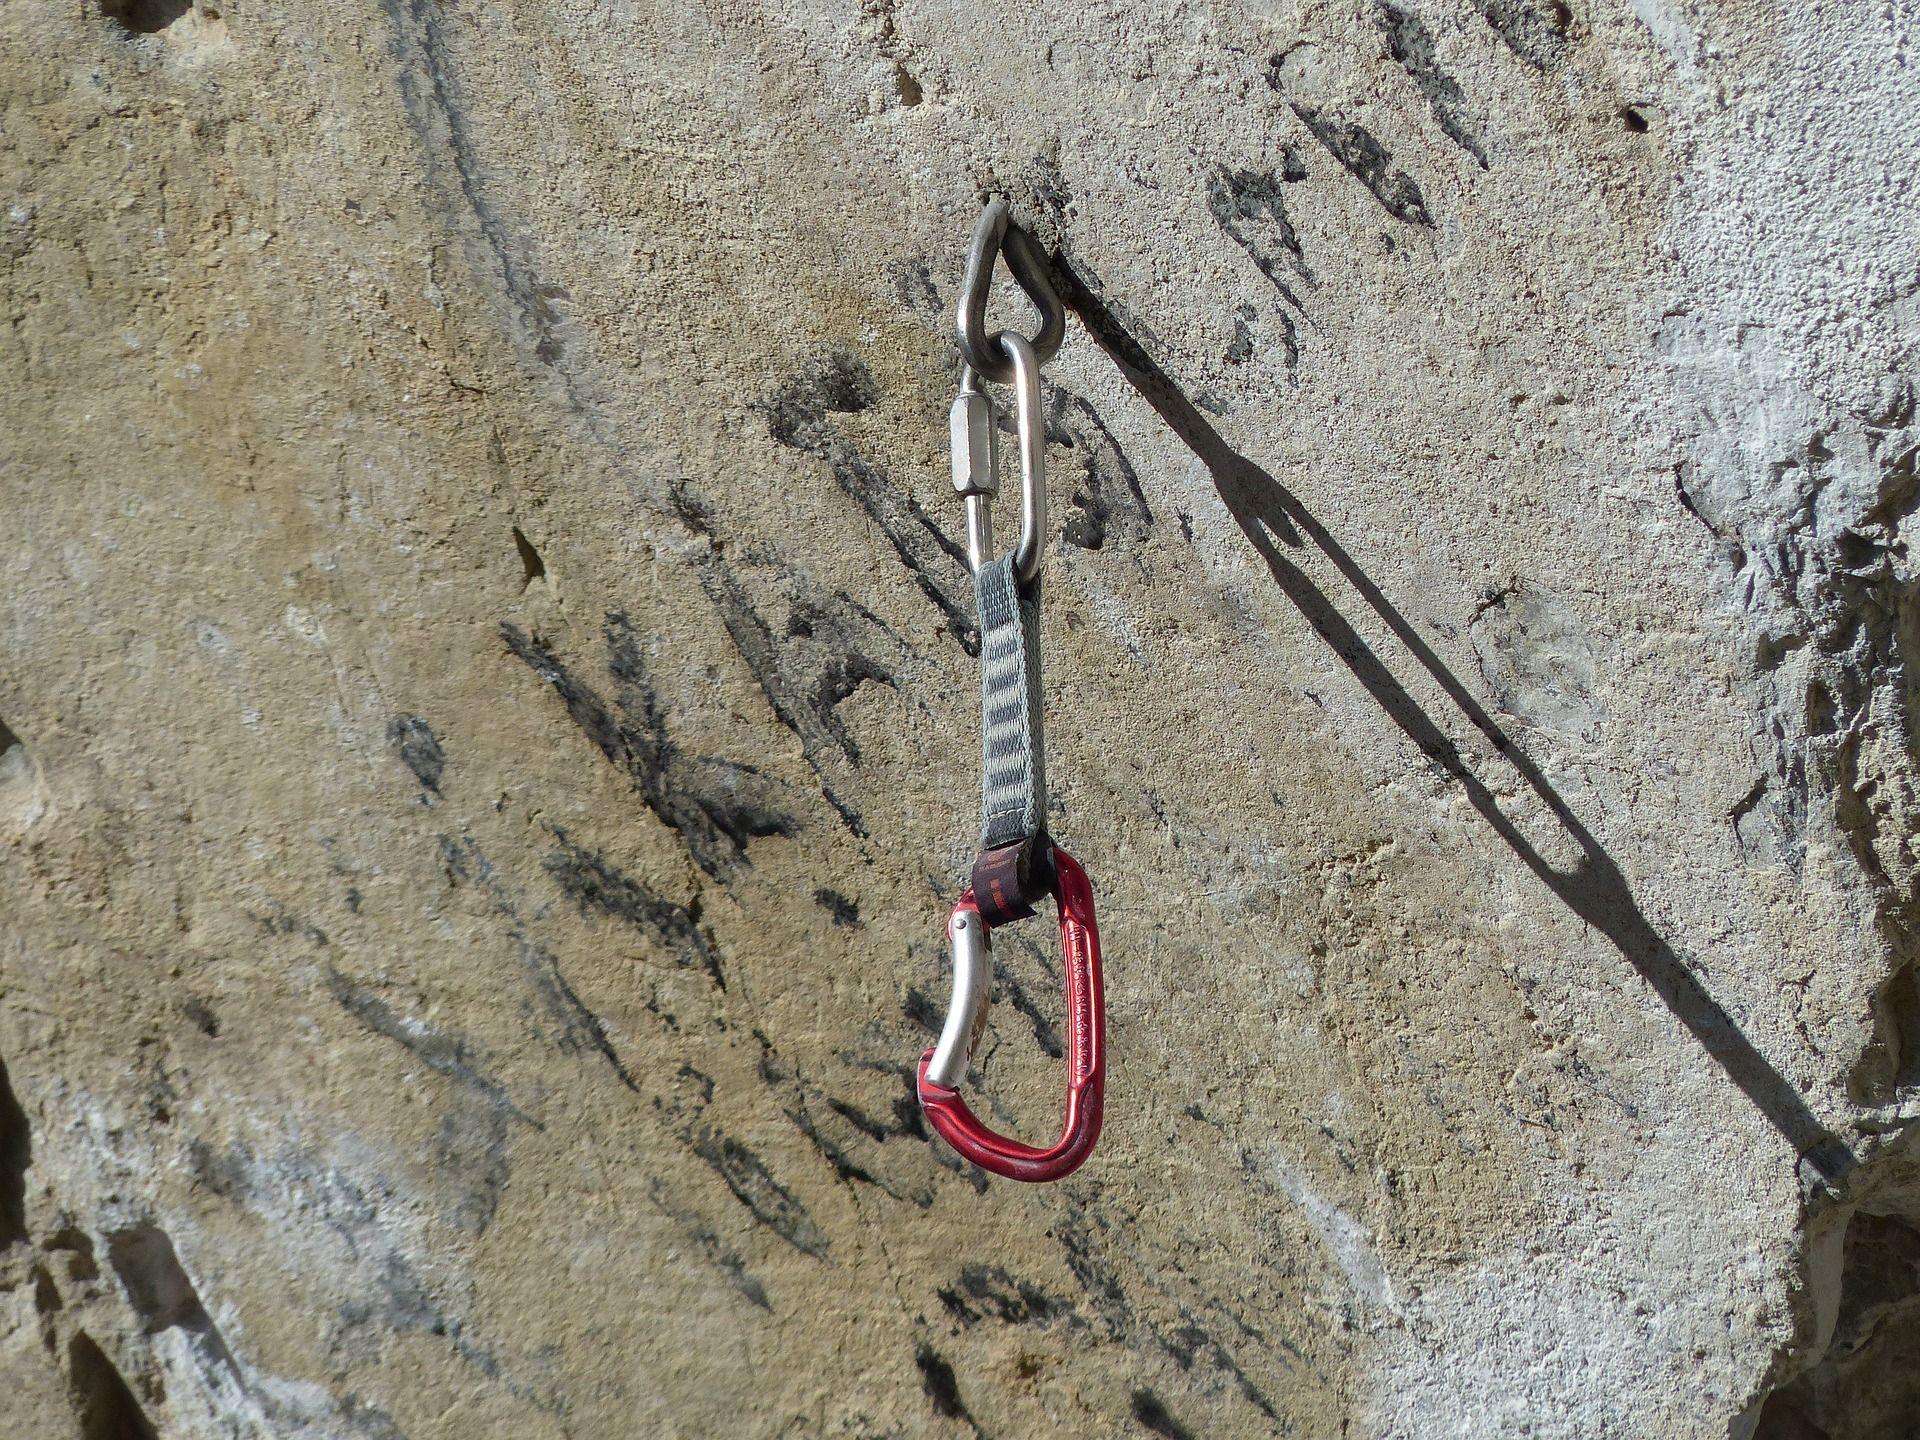 Alpinista w mieście? Jakie prace wykona na wysokości?